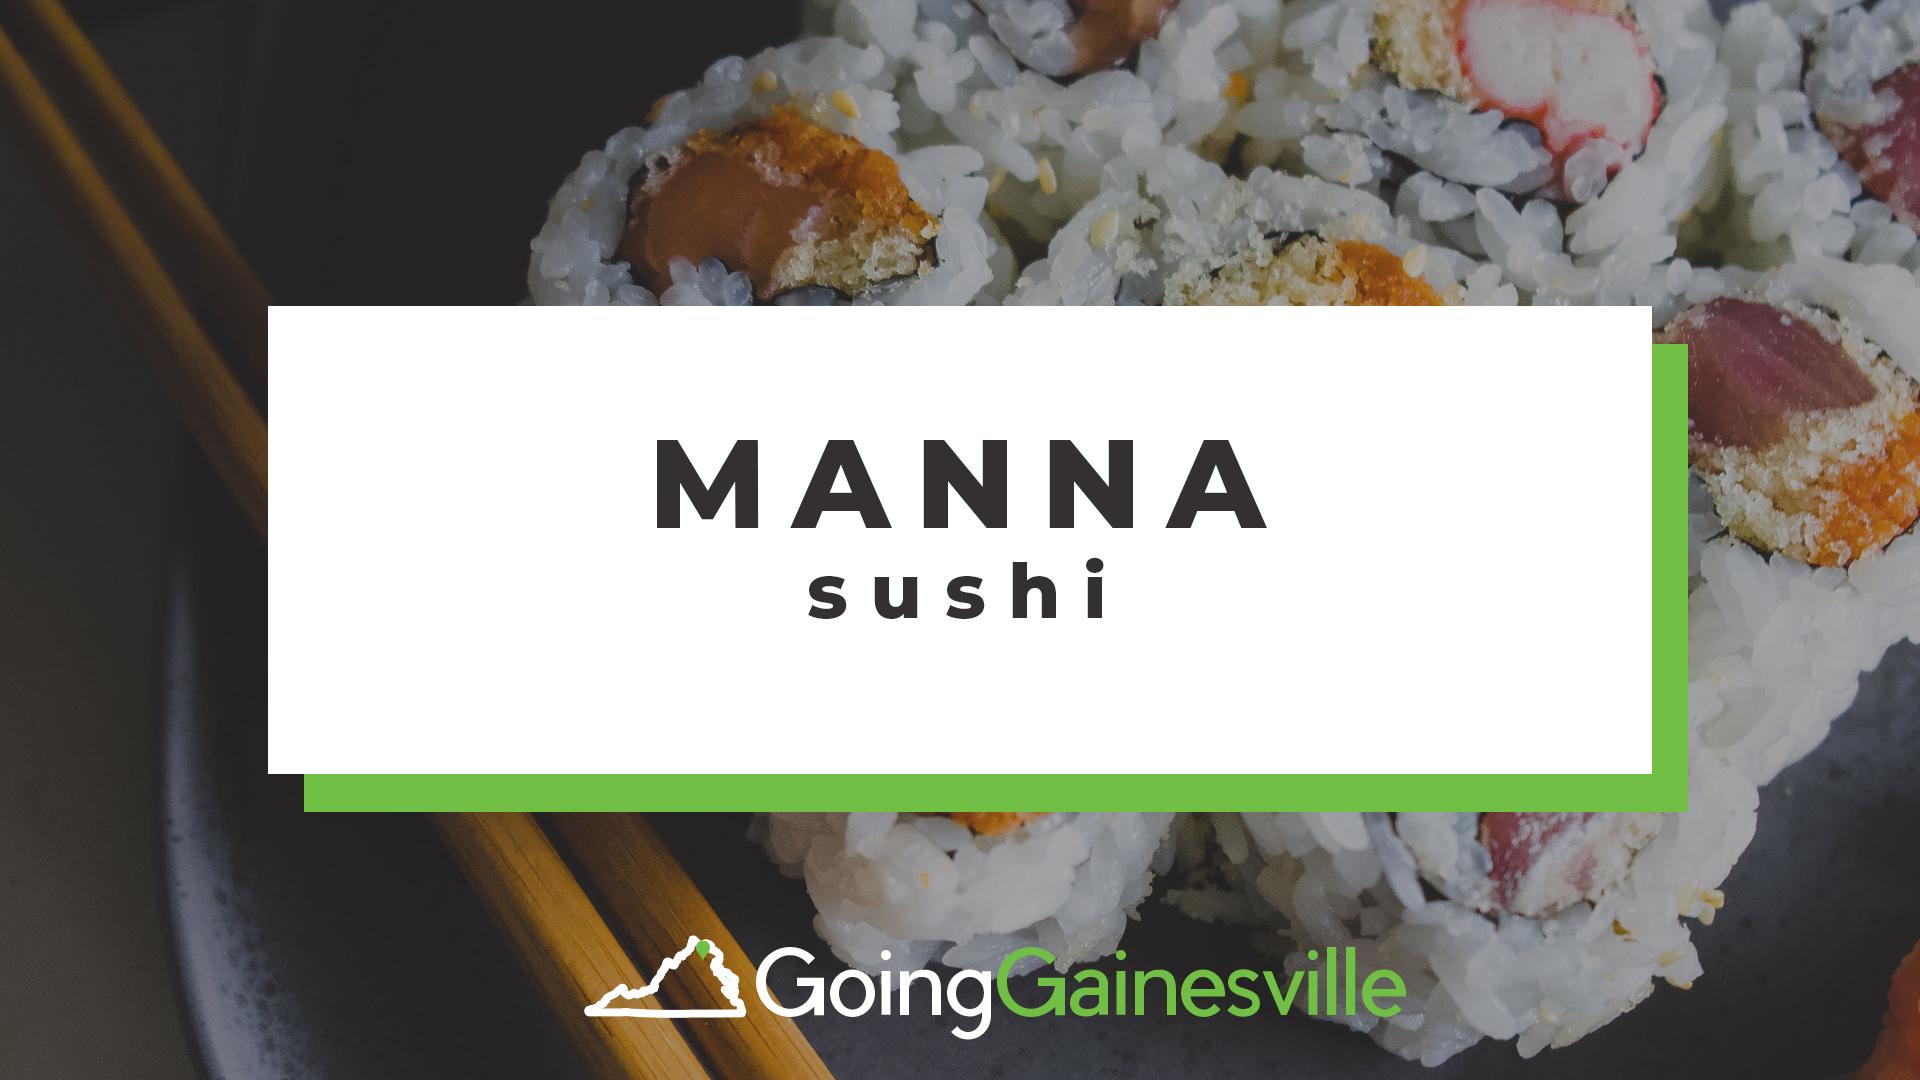 Manna Sushi